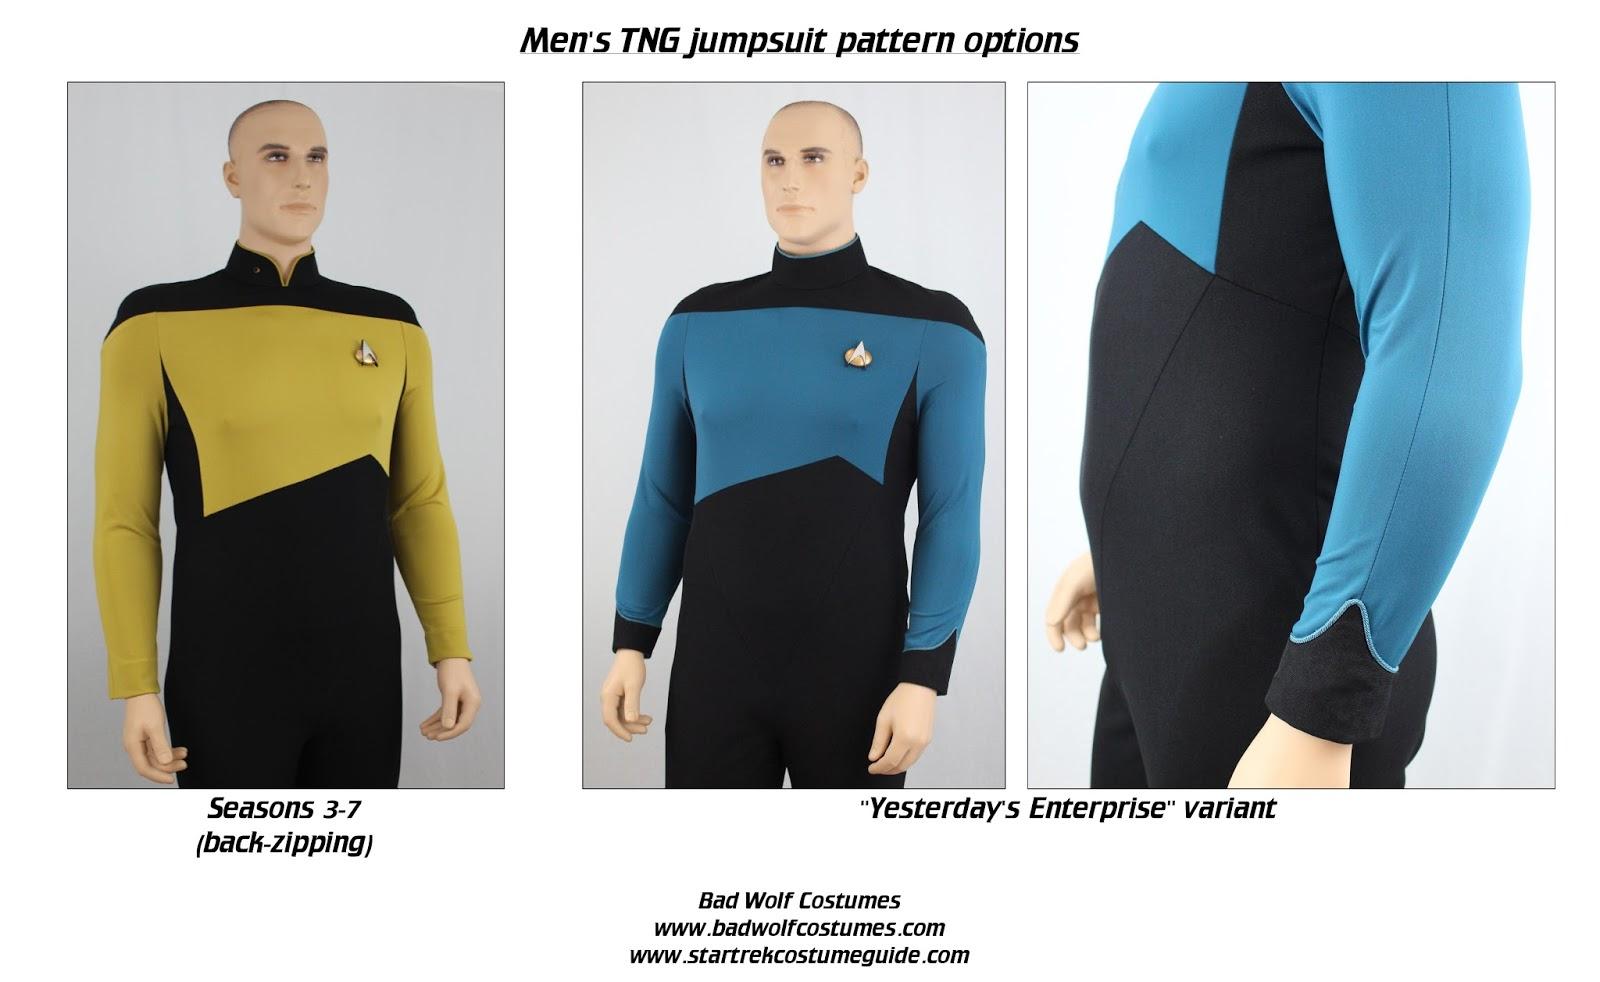 Star Trek Costume Guide: 2017